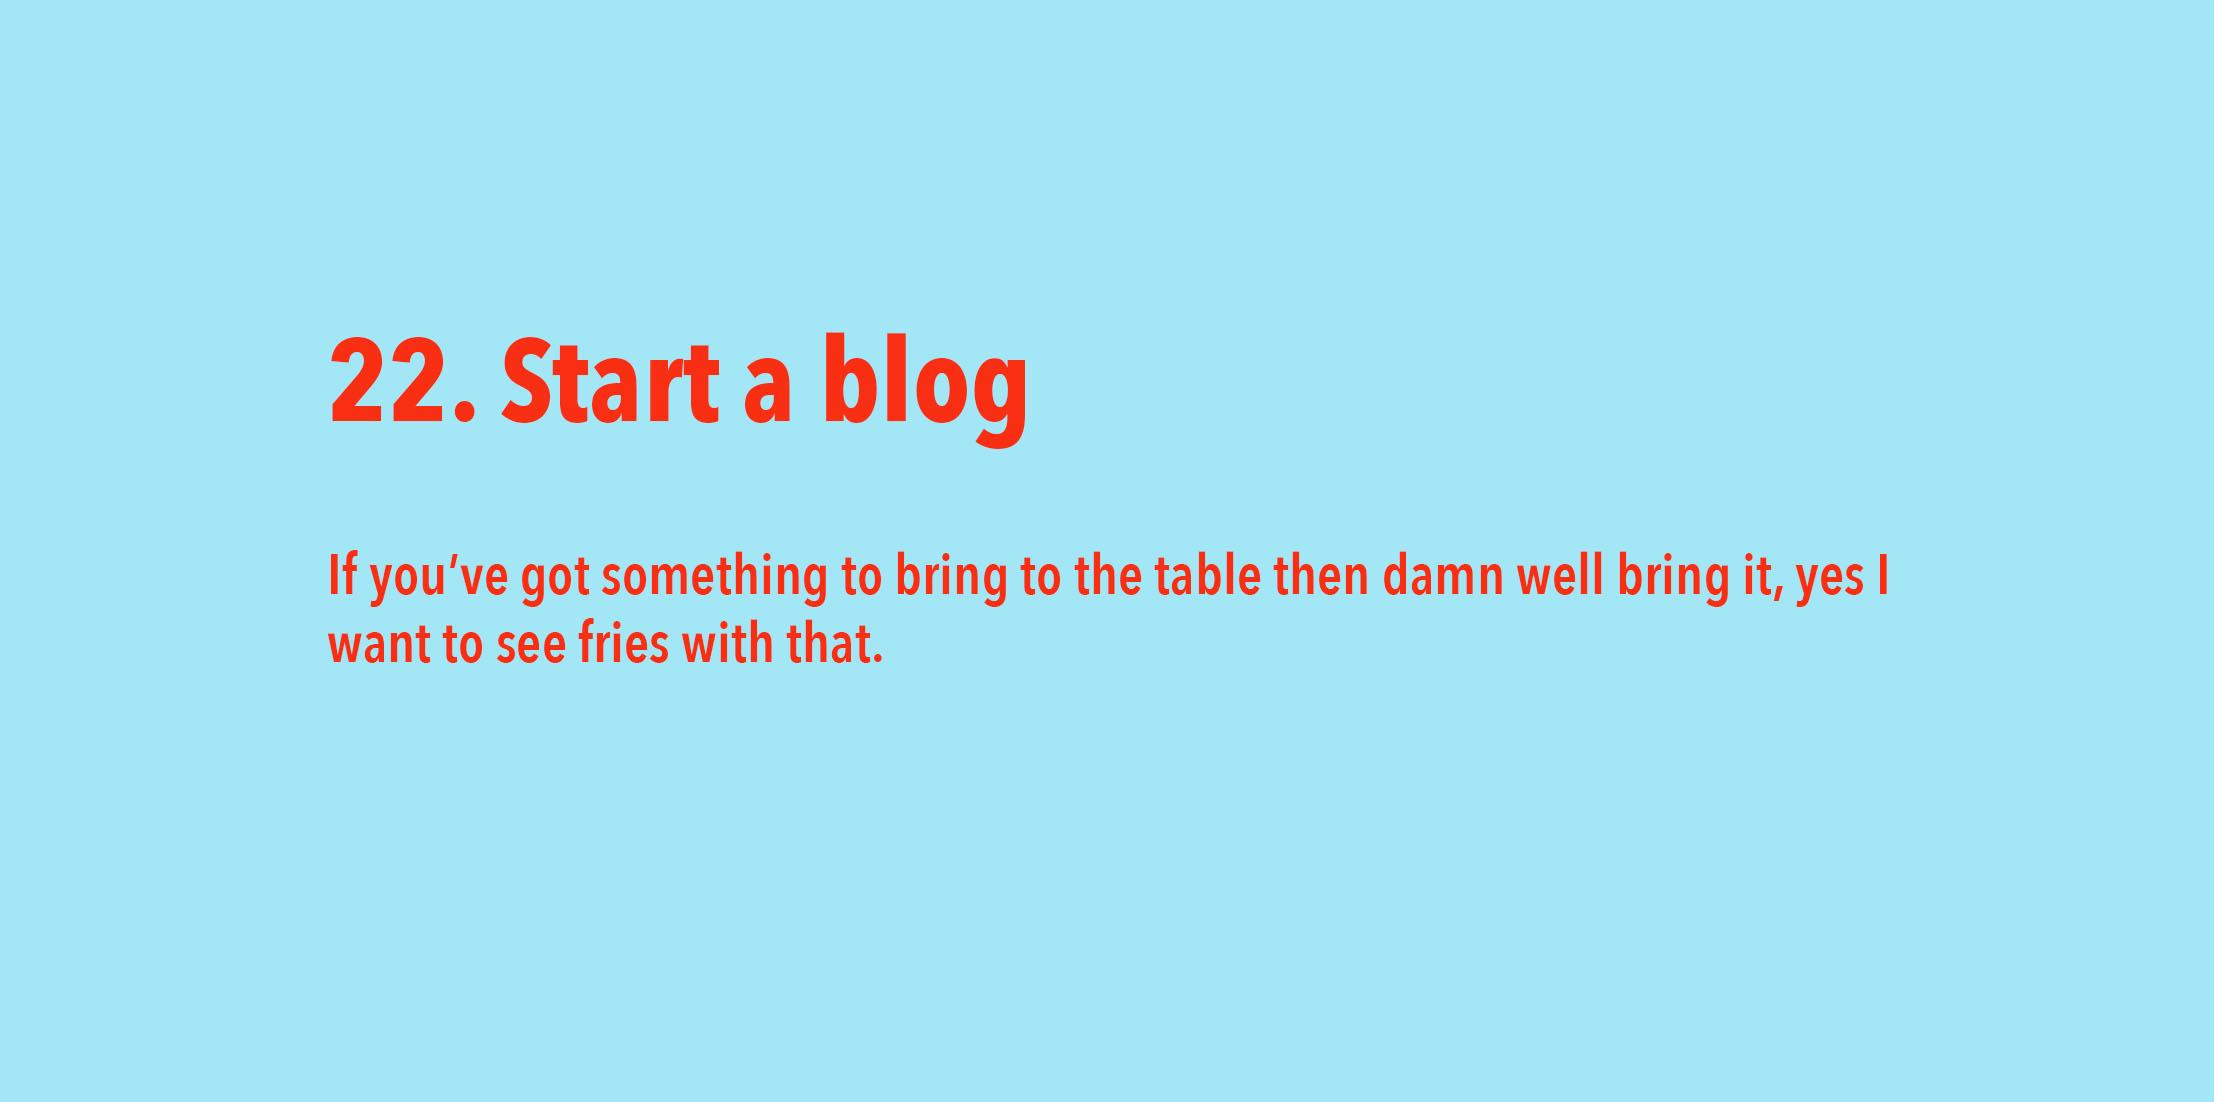 start a blog.jpg